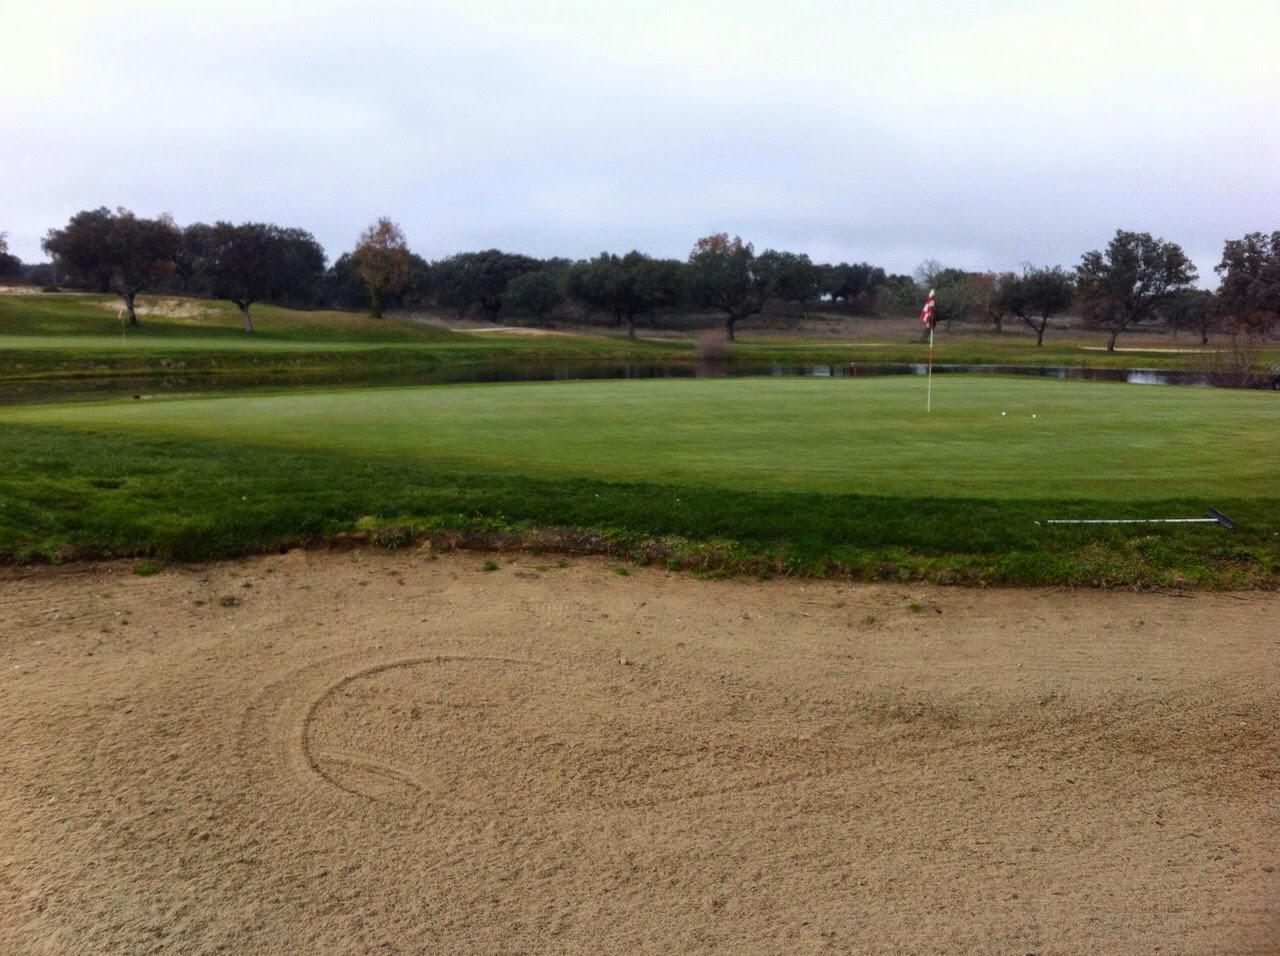 Obstáculo arena golf